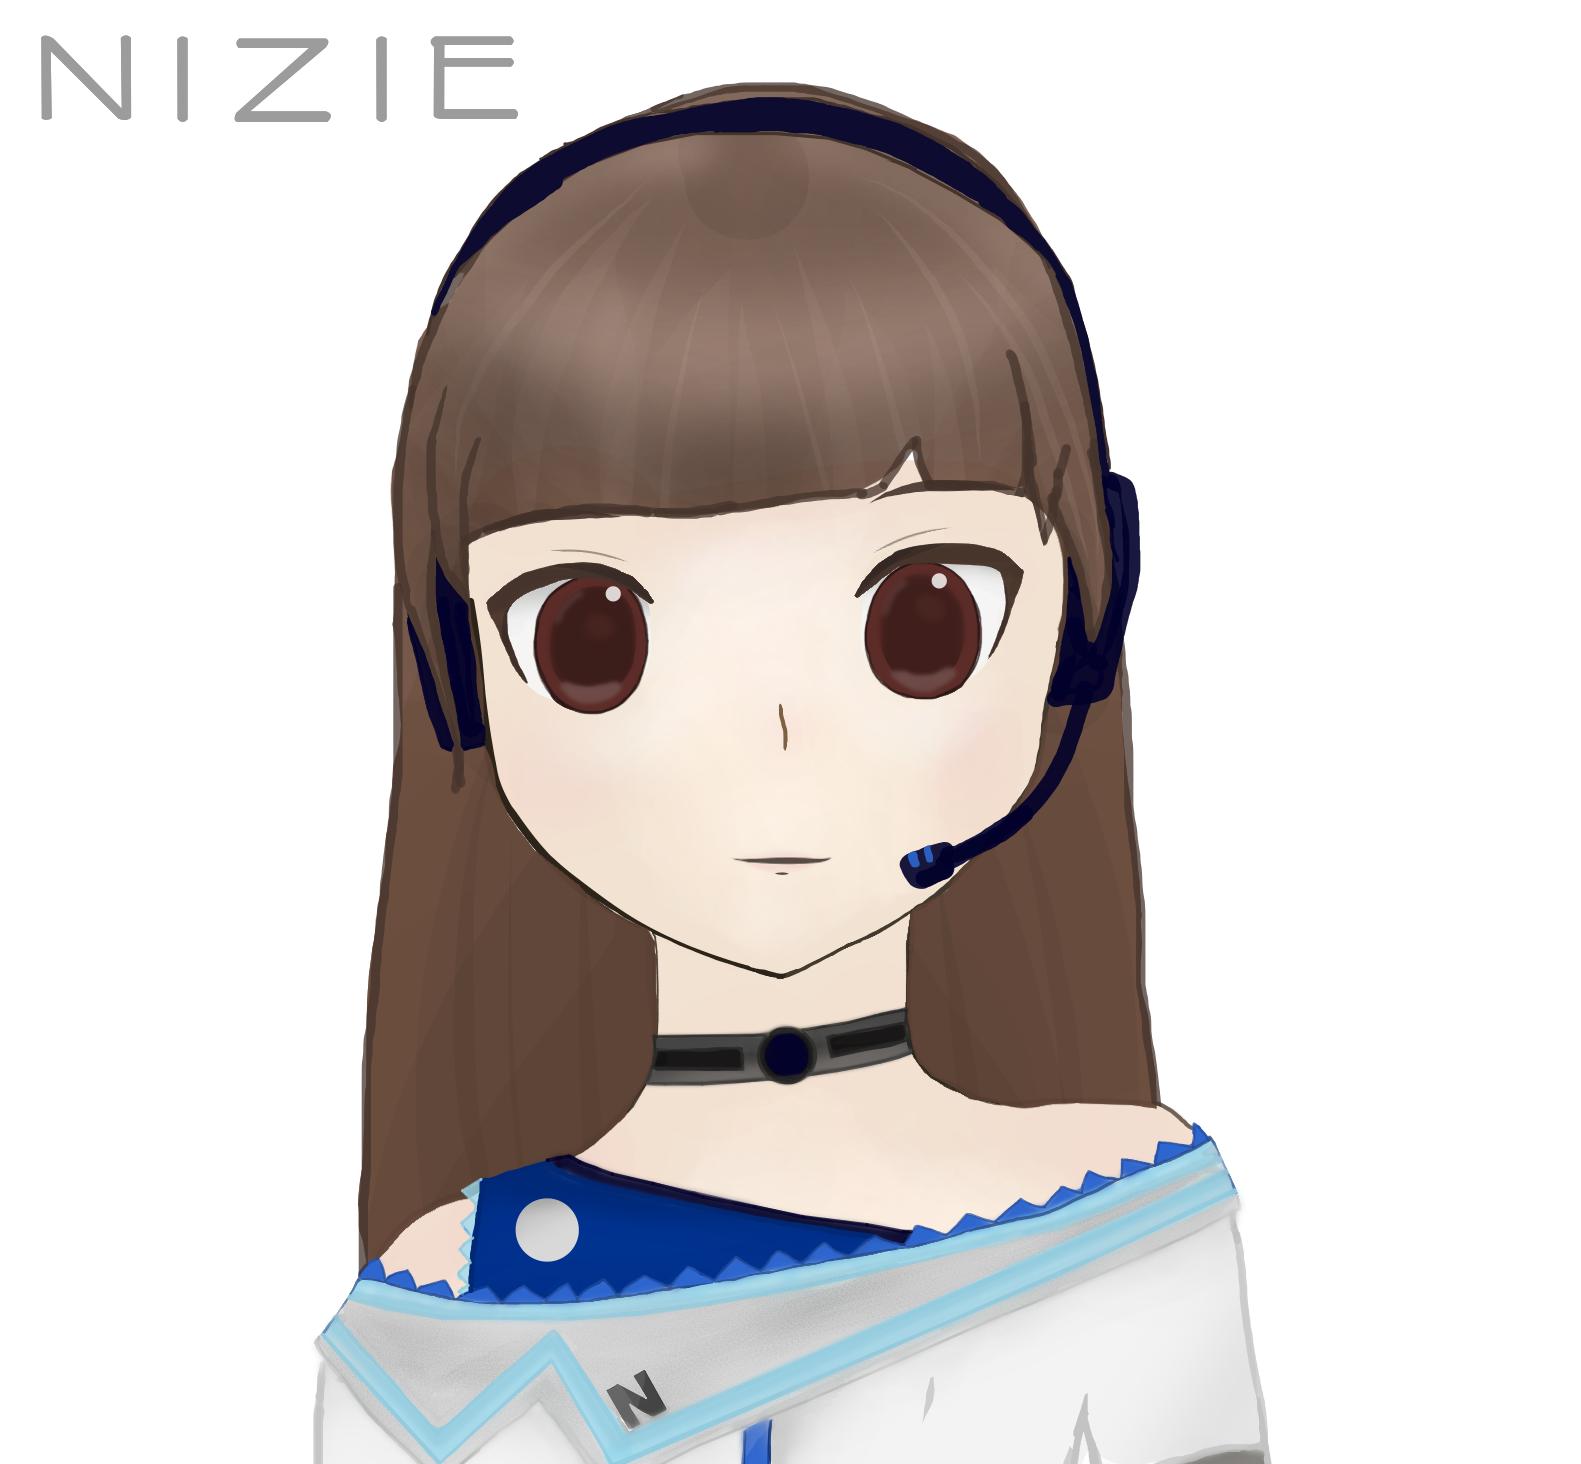 NIZIE